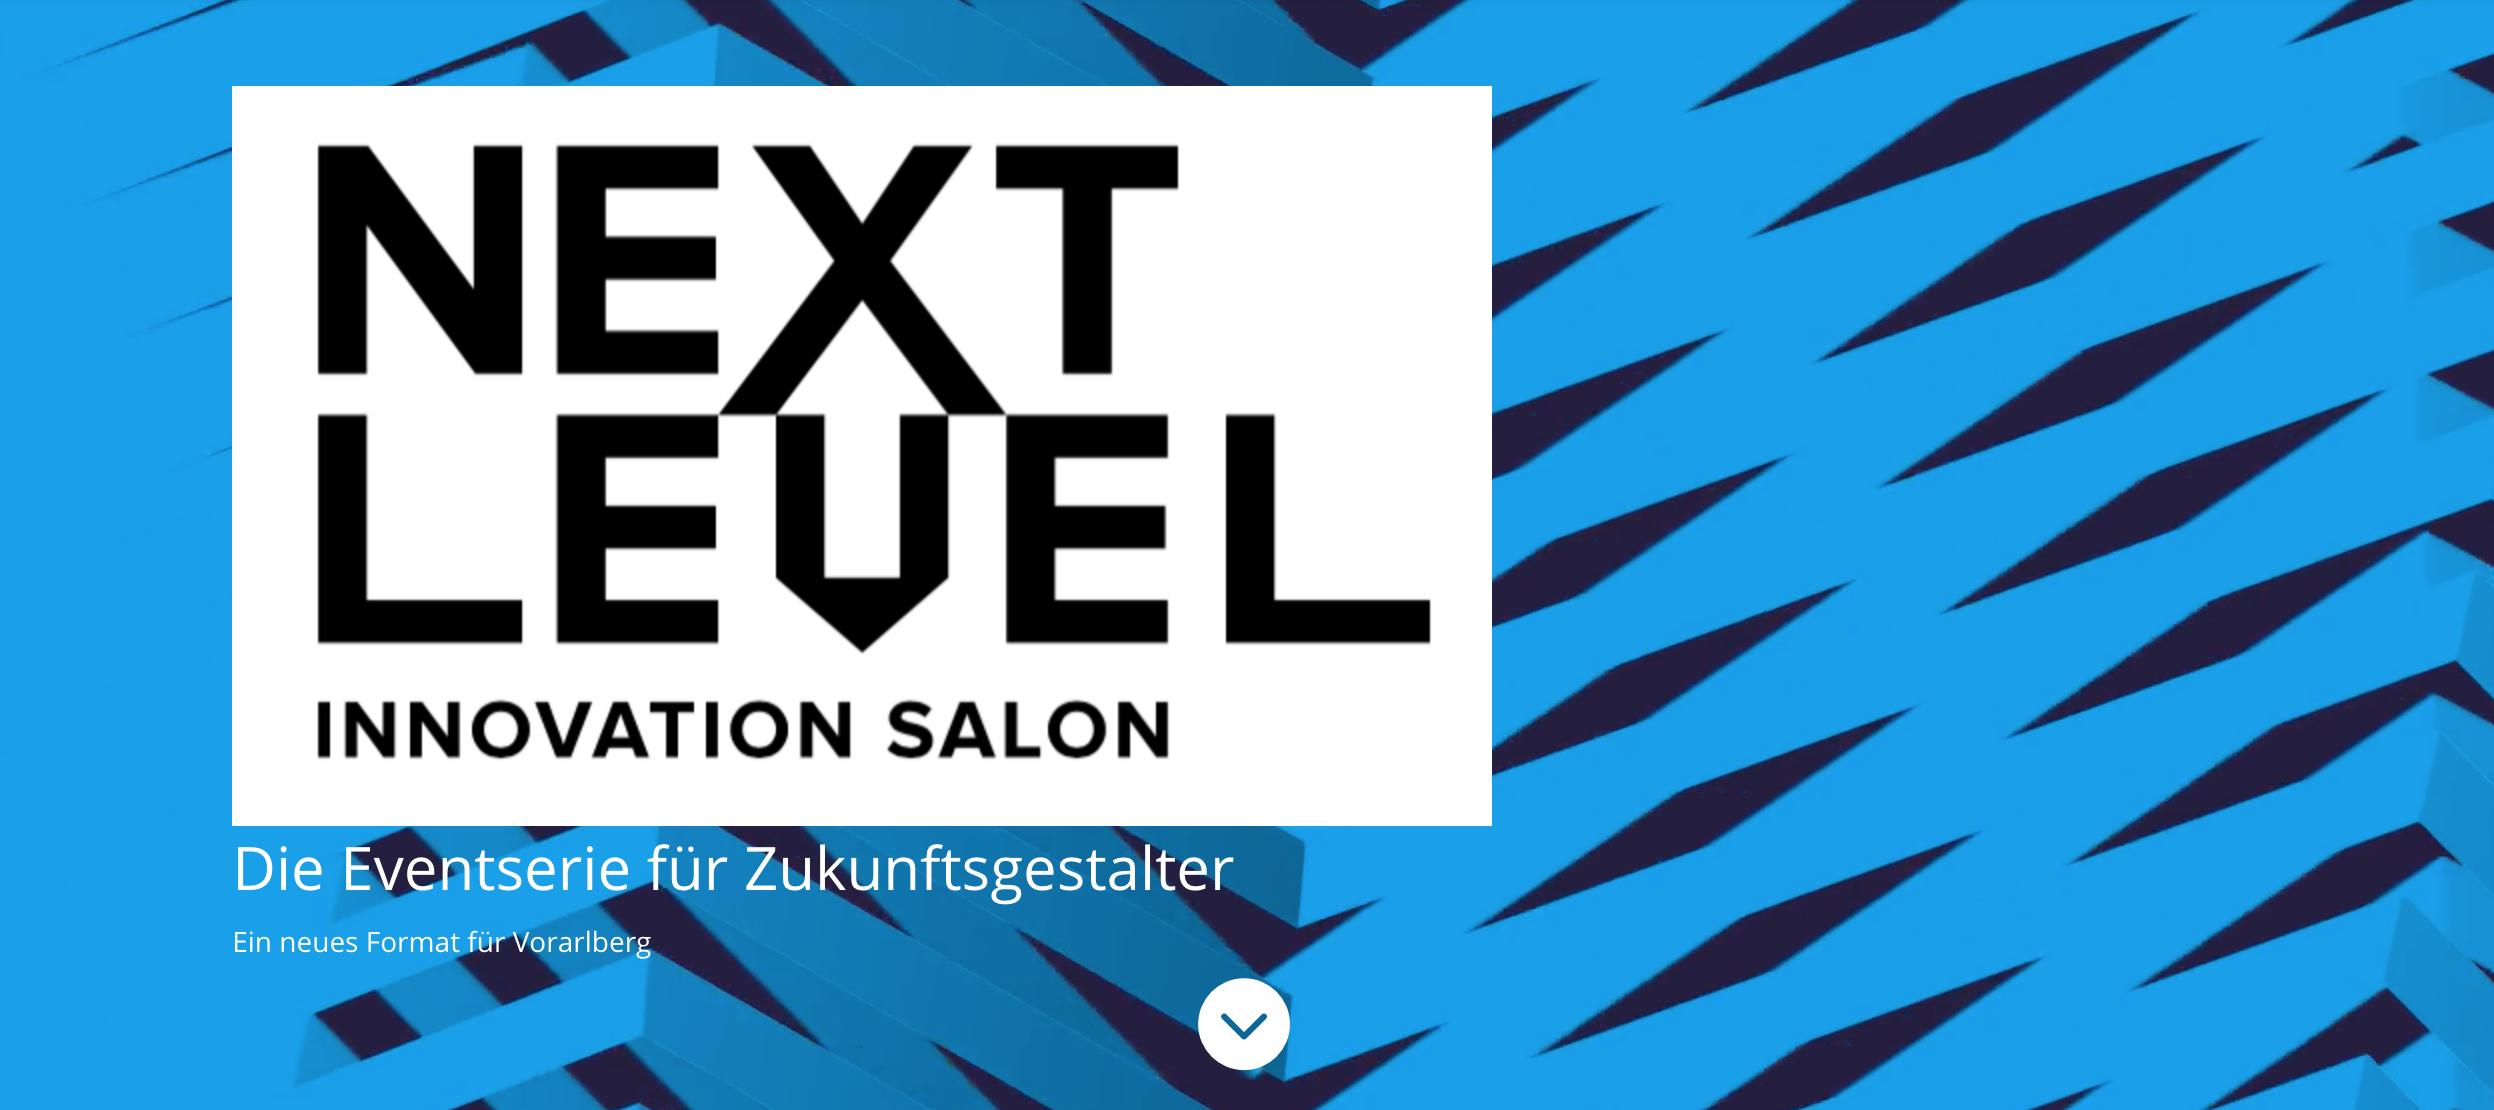 thenextlevel-heaxder.png